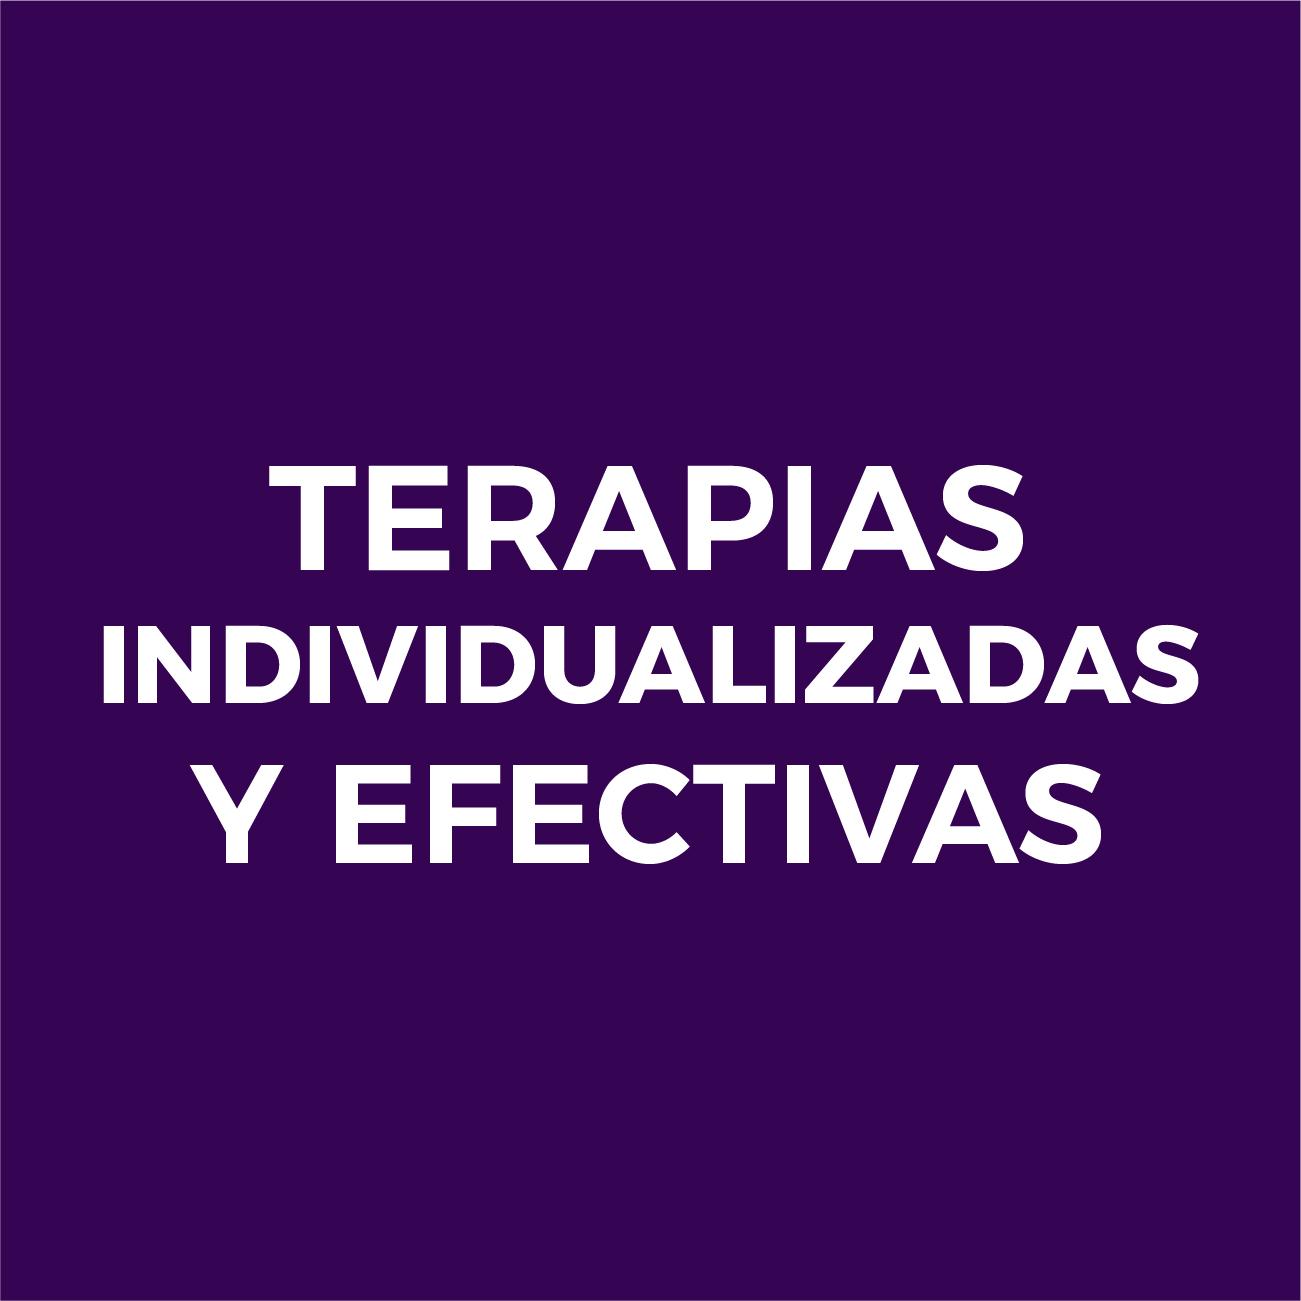 Terapias individualizadas y efectivas